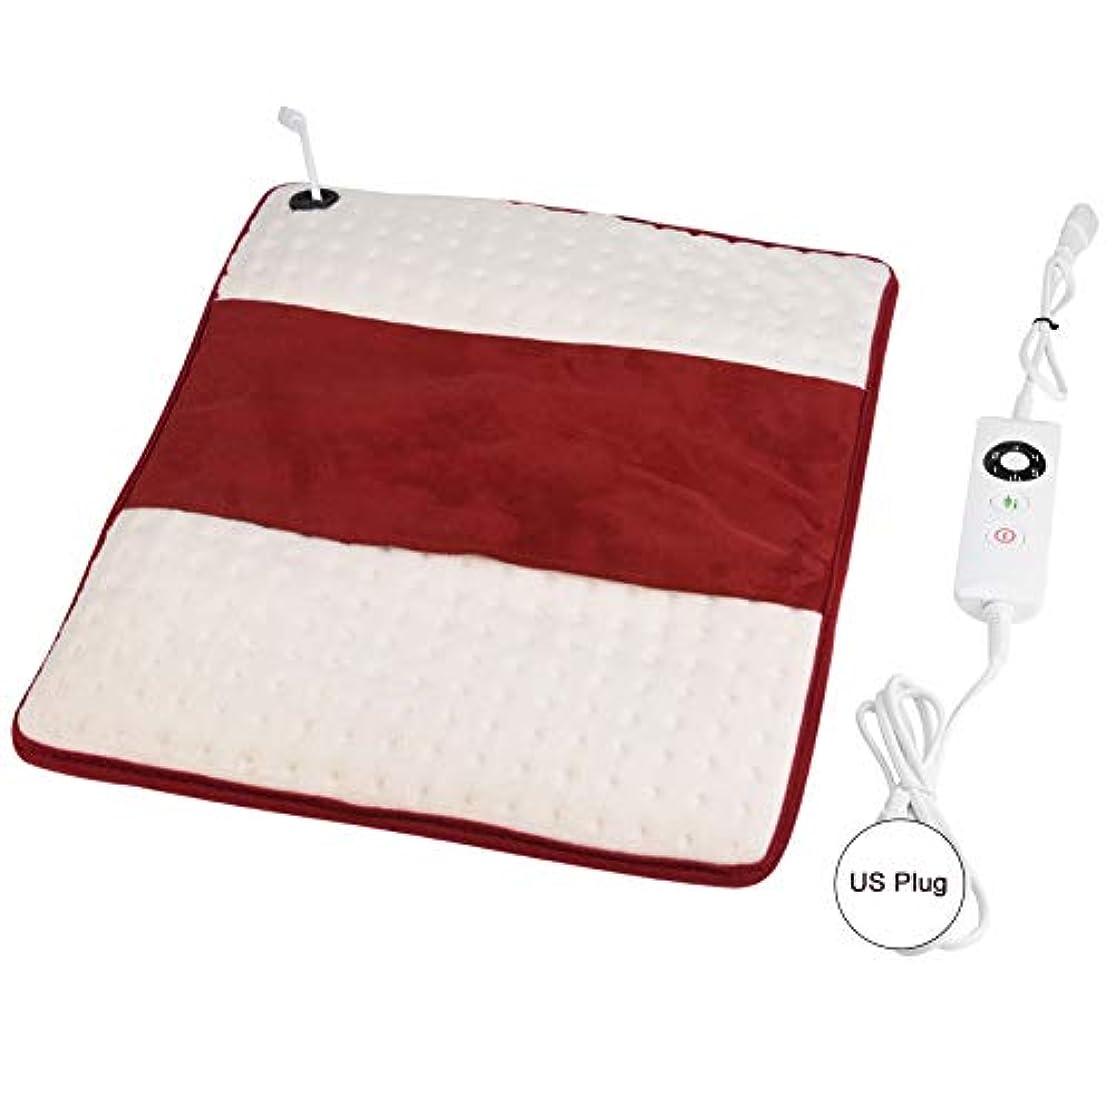 結婚式不器用急襲電気暖房のパッド、多機能の電気暖房療法のパッドの洗濯できる腰痛の救助のマット(US Plug)